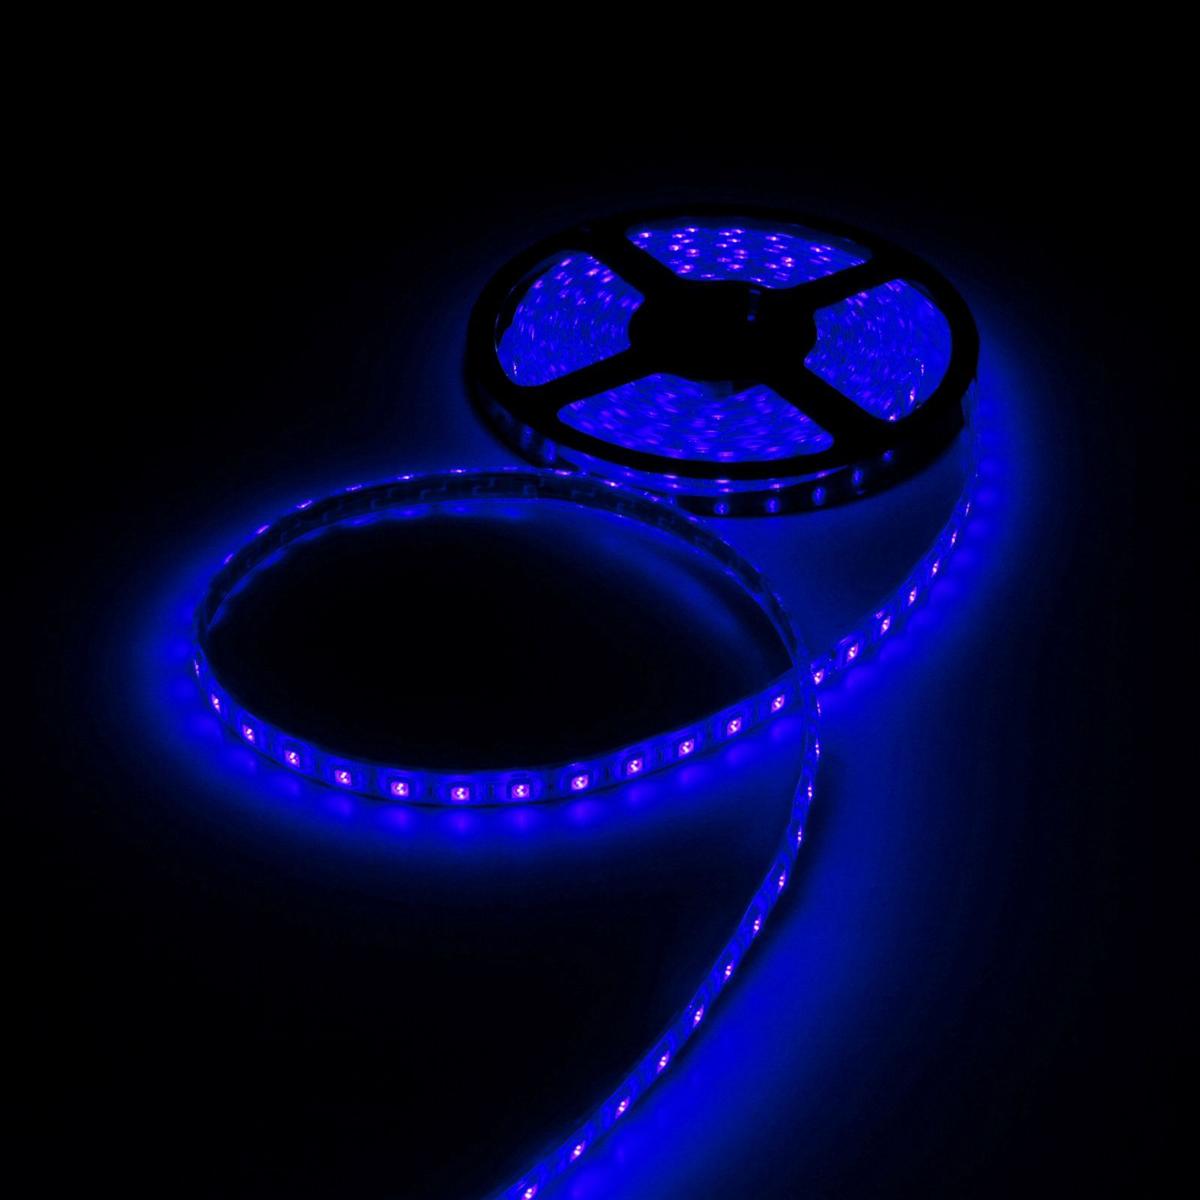 Светодиодная лента Luazon, 12В, SMD5050, длина 5 м, IP68, 60 LED ламп, 14.4 Вт/м, 14-16 Лм/1 LED, DC, цвет: синий883957Светодиодные гирлянды, ленты и т.д — это отличный вариант для новогоднего оформления интерьера или фасада. С их помощью помещение любого размера можно превратить в праздничный зал, а внешние элементы зданий, украшенные ими, мгновенно станут напоминать очертания сказочного дворца. Такие украшения создают ауру предвкушения чуда. Деревья, фасады, витрины, окна и арки будто специально созданы, чтобы вы украсили их светящимися нитями.